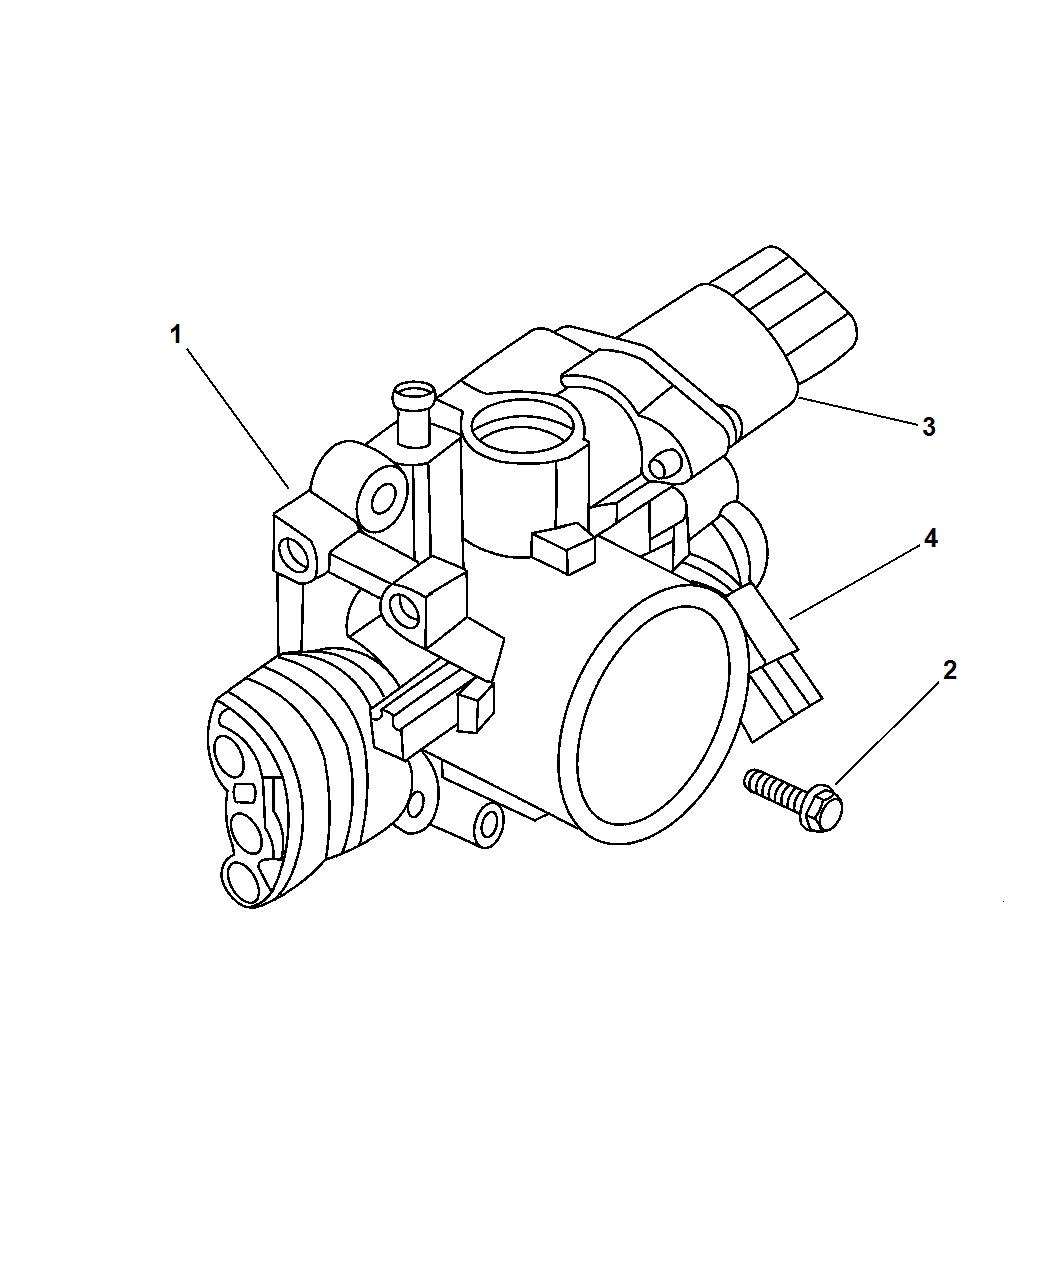 Kd Pt Cruiser Vacuum Hose Diagram Free Diagram